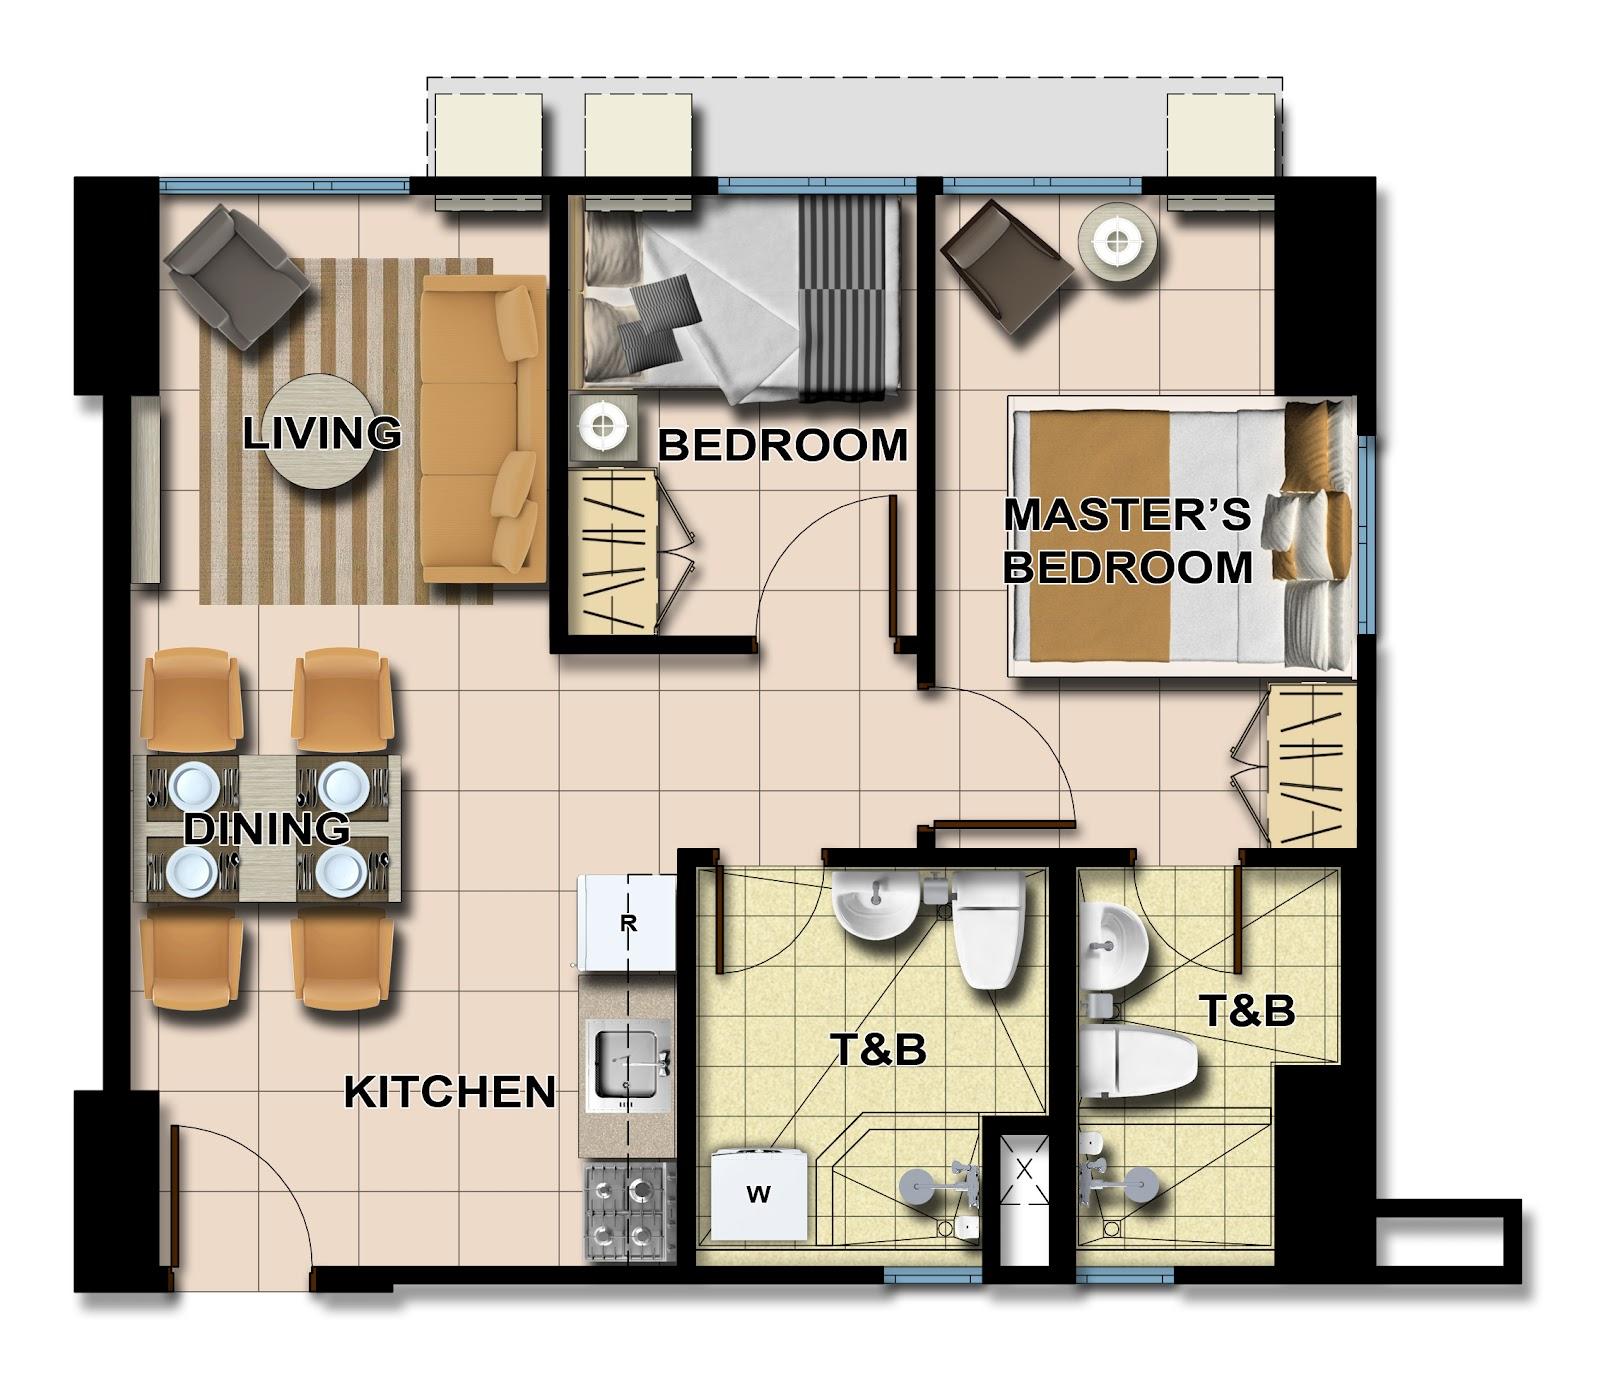 Avida towers centera for 4 unit condo plans